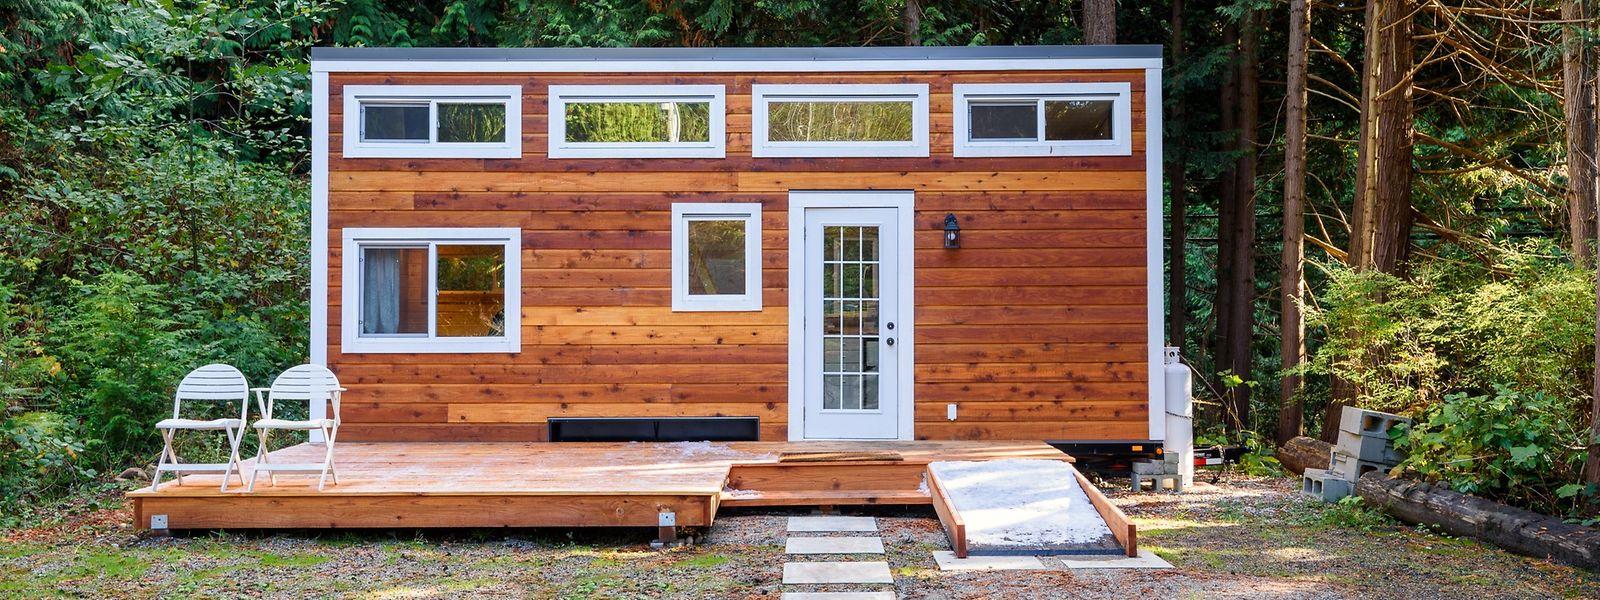 """Kleines Heim für große Ansprüche: Dort, wo Platzmangel herrscht oder die Preise für Grundstücke ins Unermessliche steigen, sind """"Tiny Houses"""" besonders gefragt."""